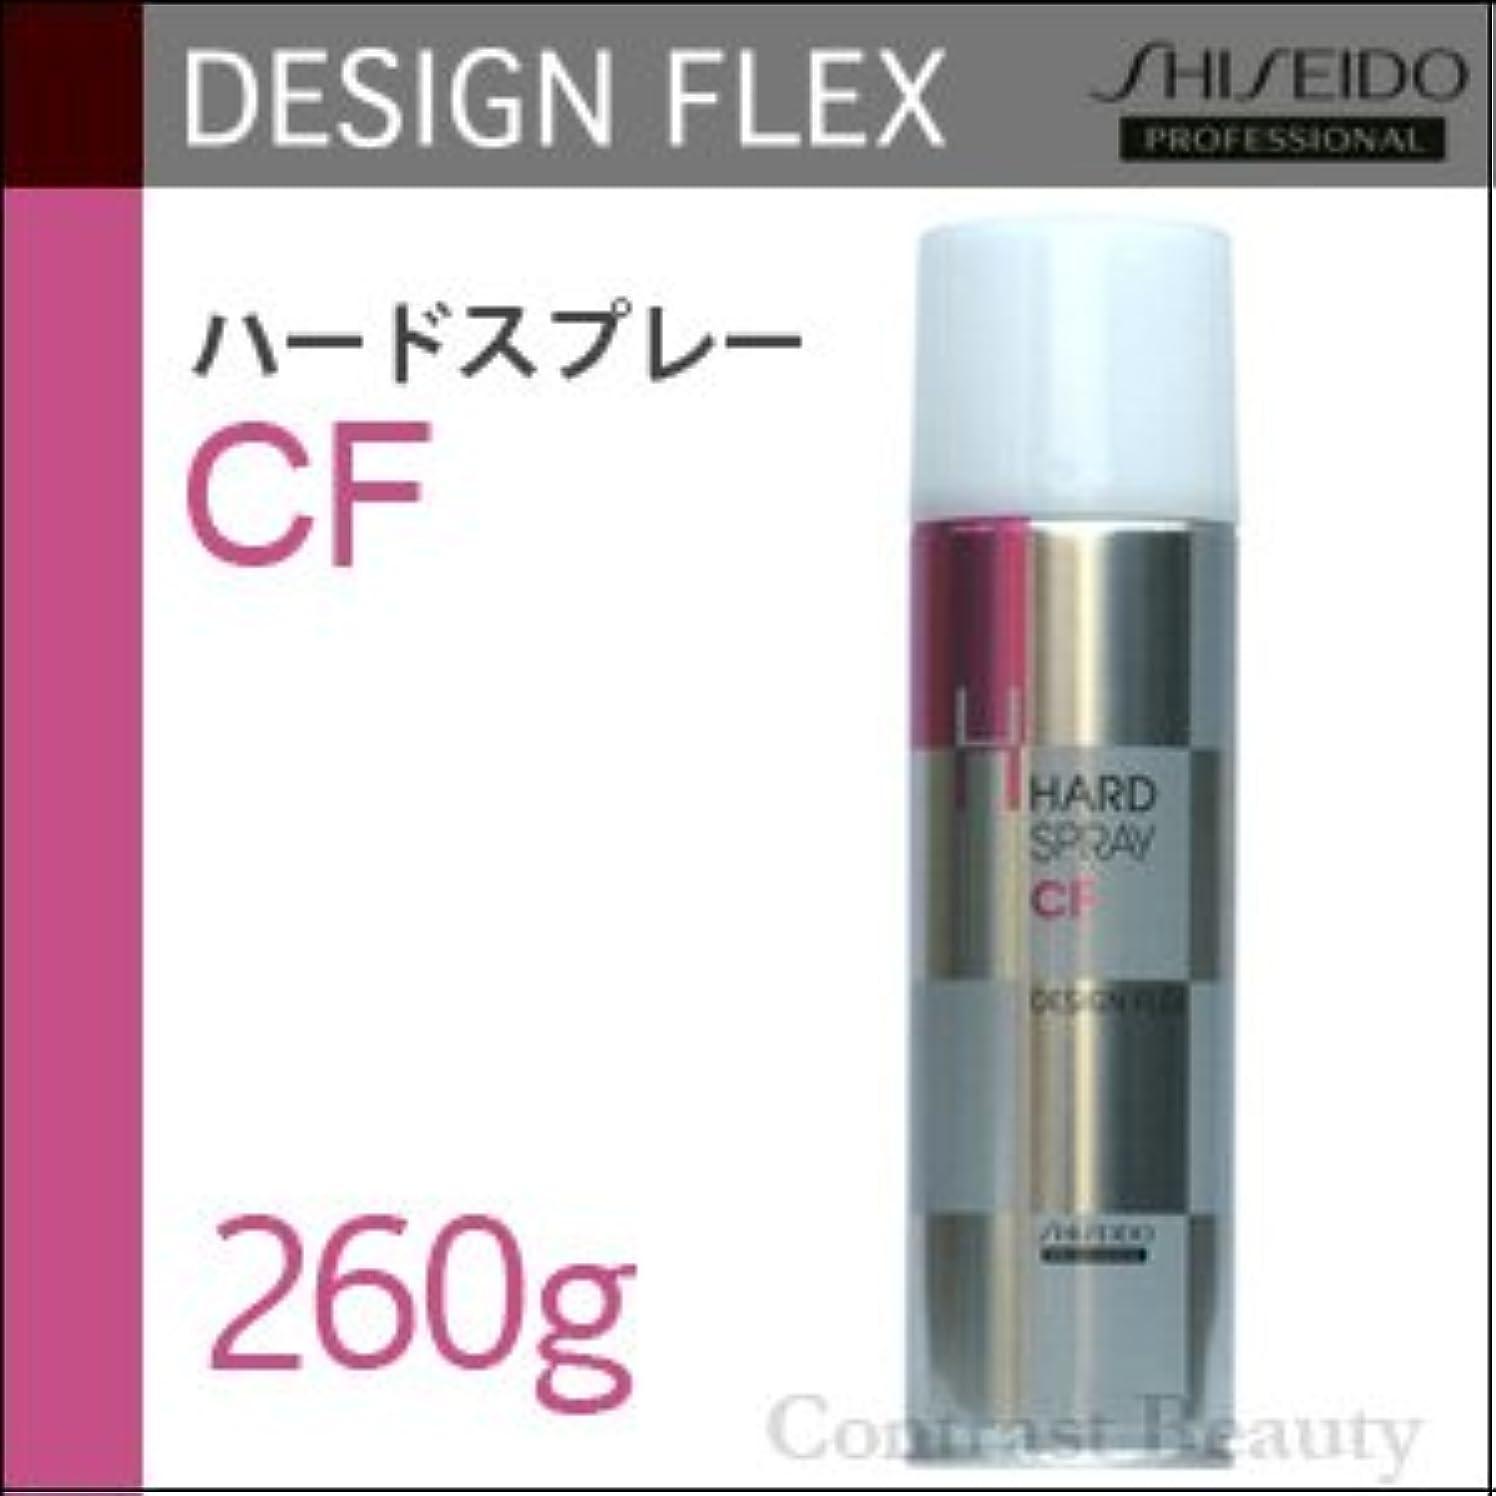 置き場アクティブ優先権【x3個セット】 資生堂 デザインフレックス ハードスプレーCF 260g